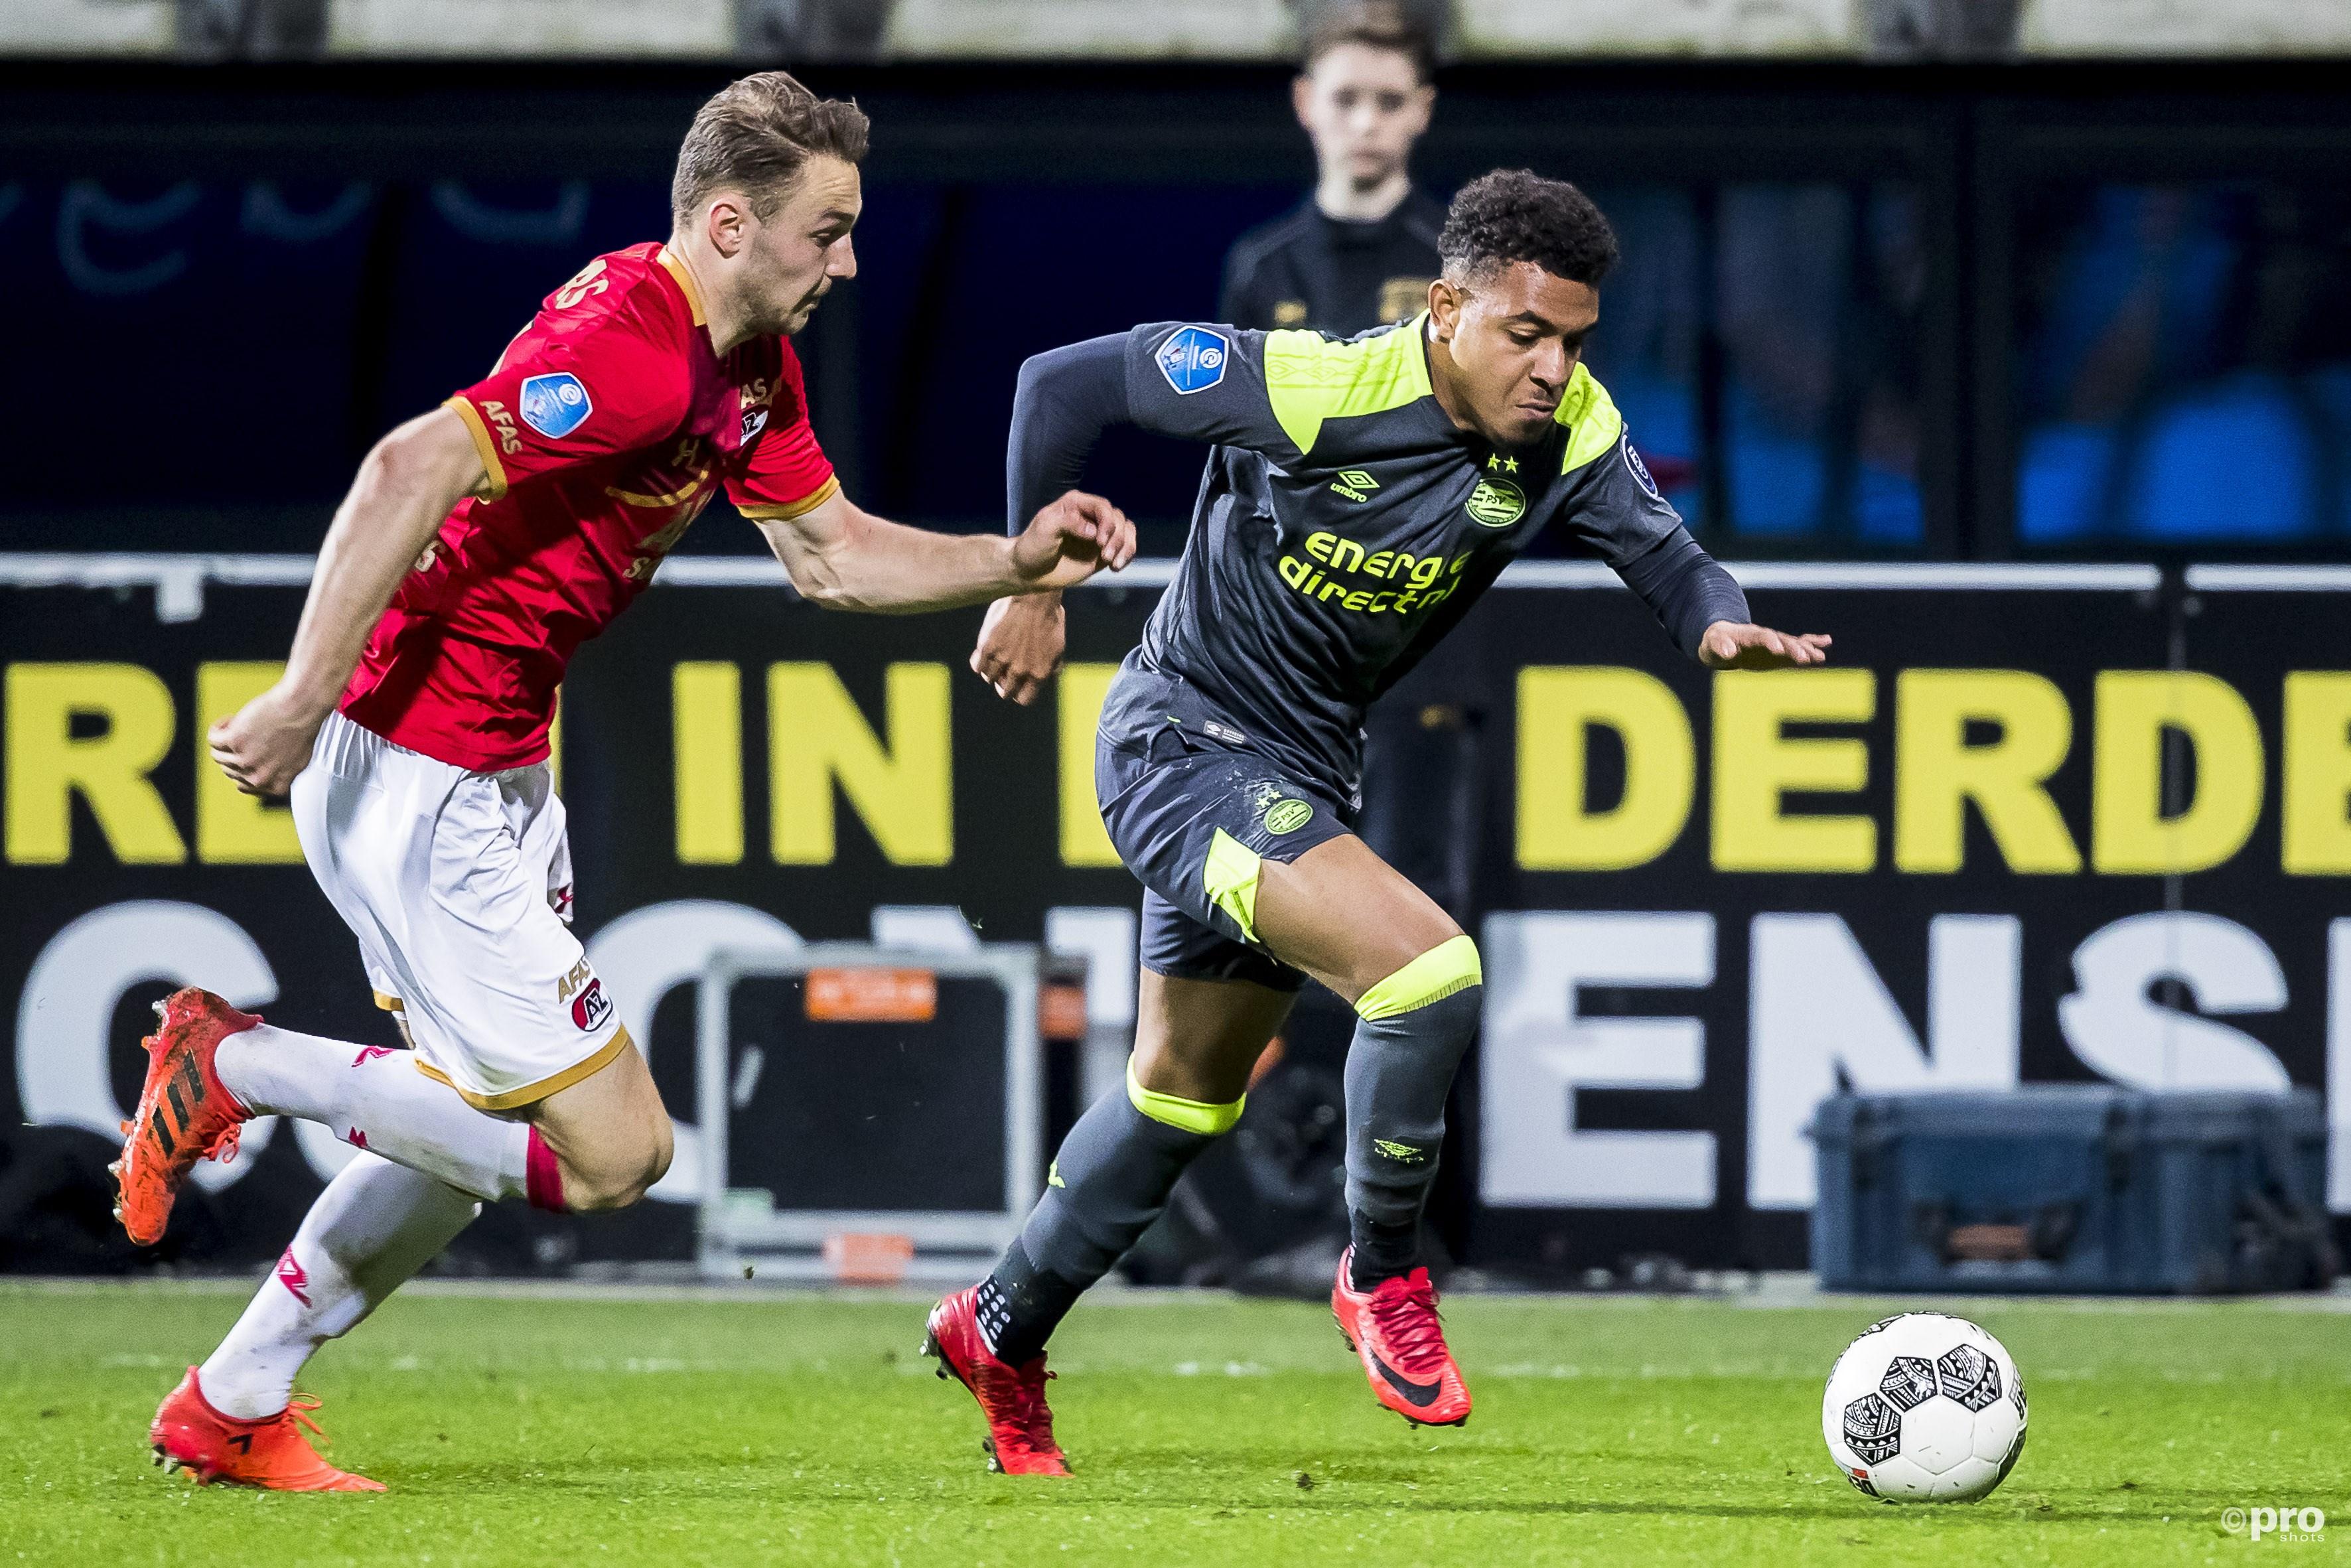 PSV speler Donyell Malen (R), AZ speler Teun Koopmeiners (L). (PRO SHOTS/Joep Leenen)